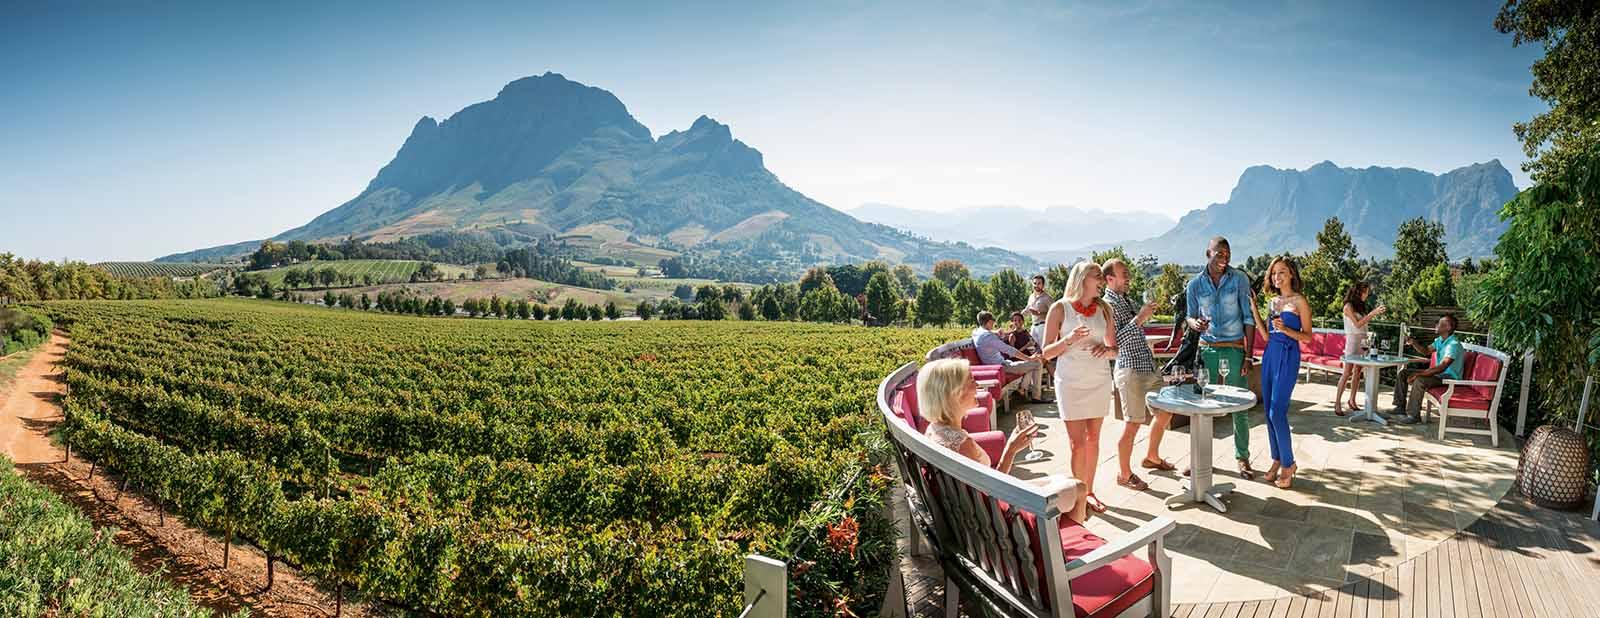 טעימות יין בדרום אפריקה